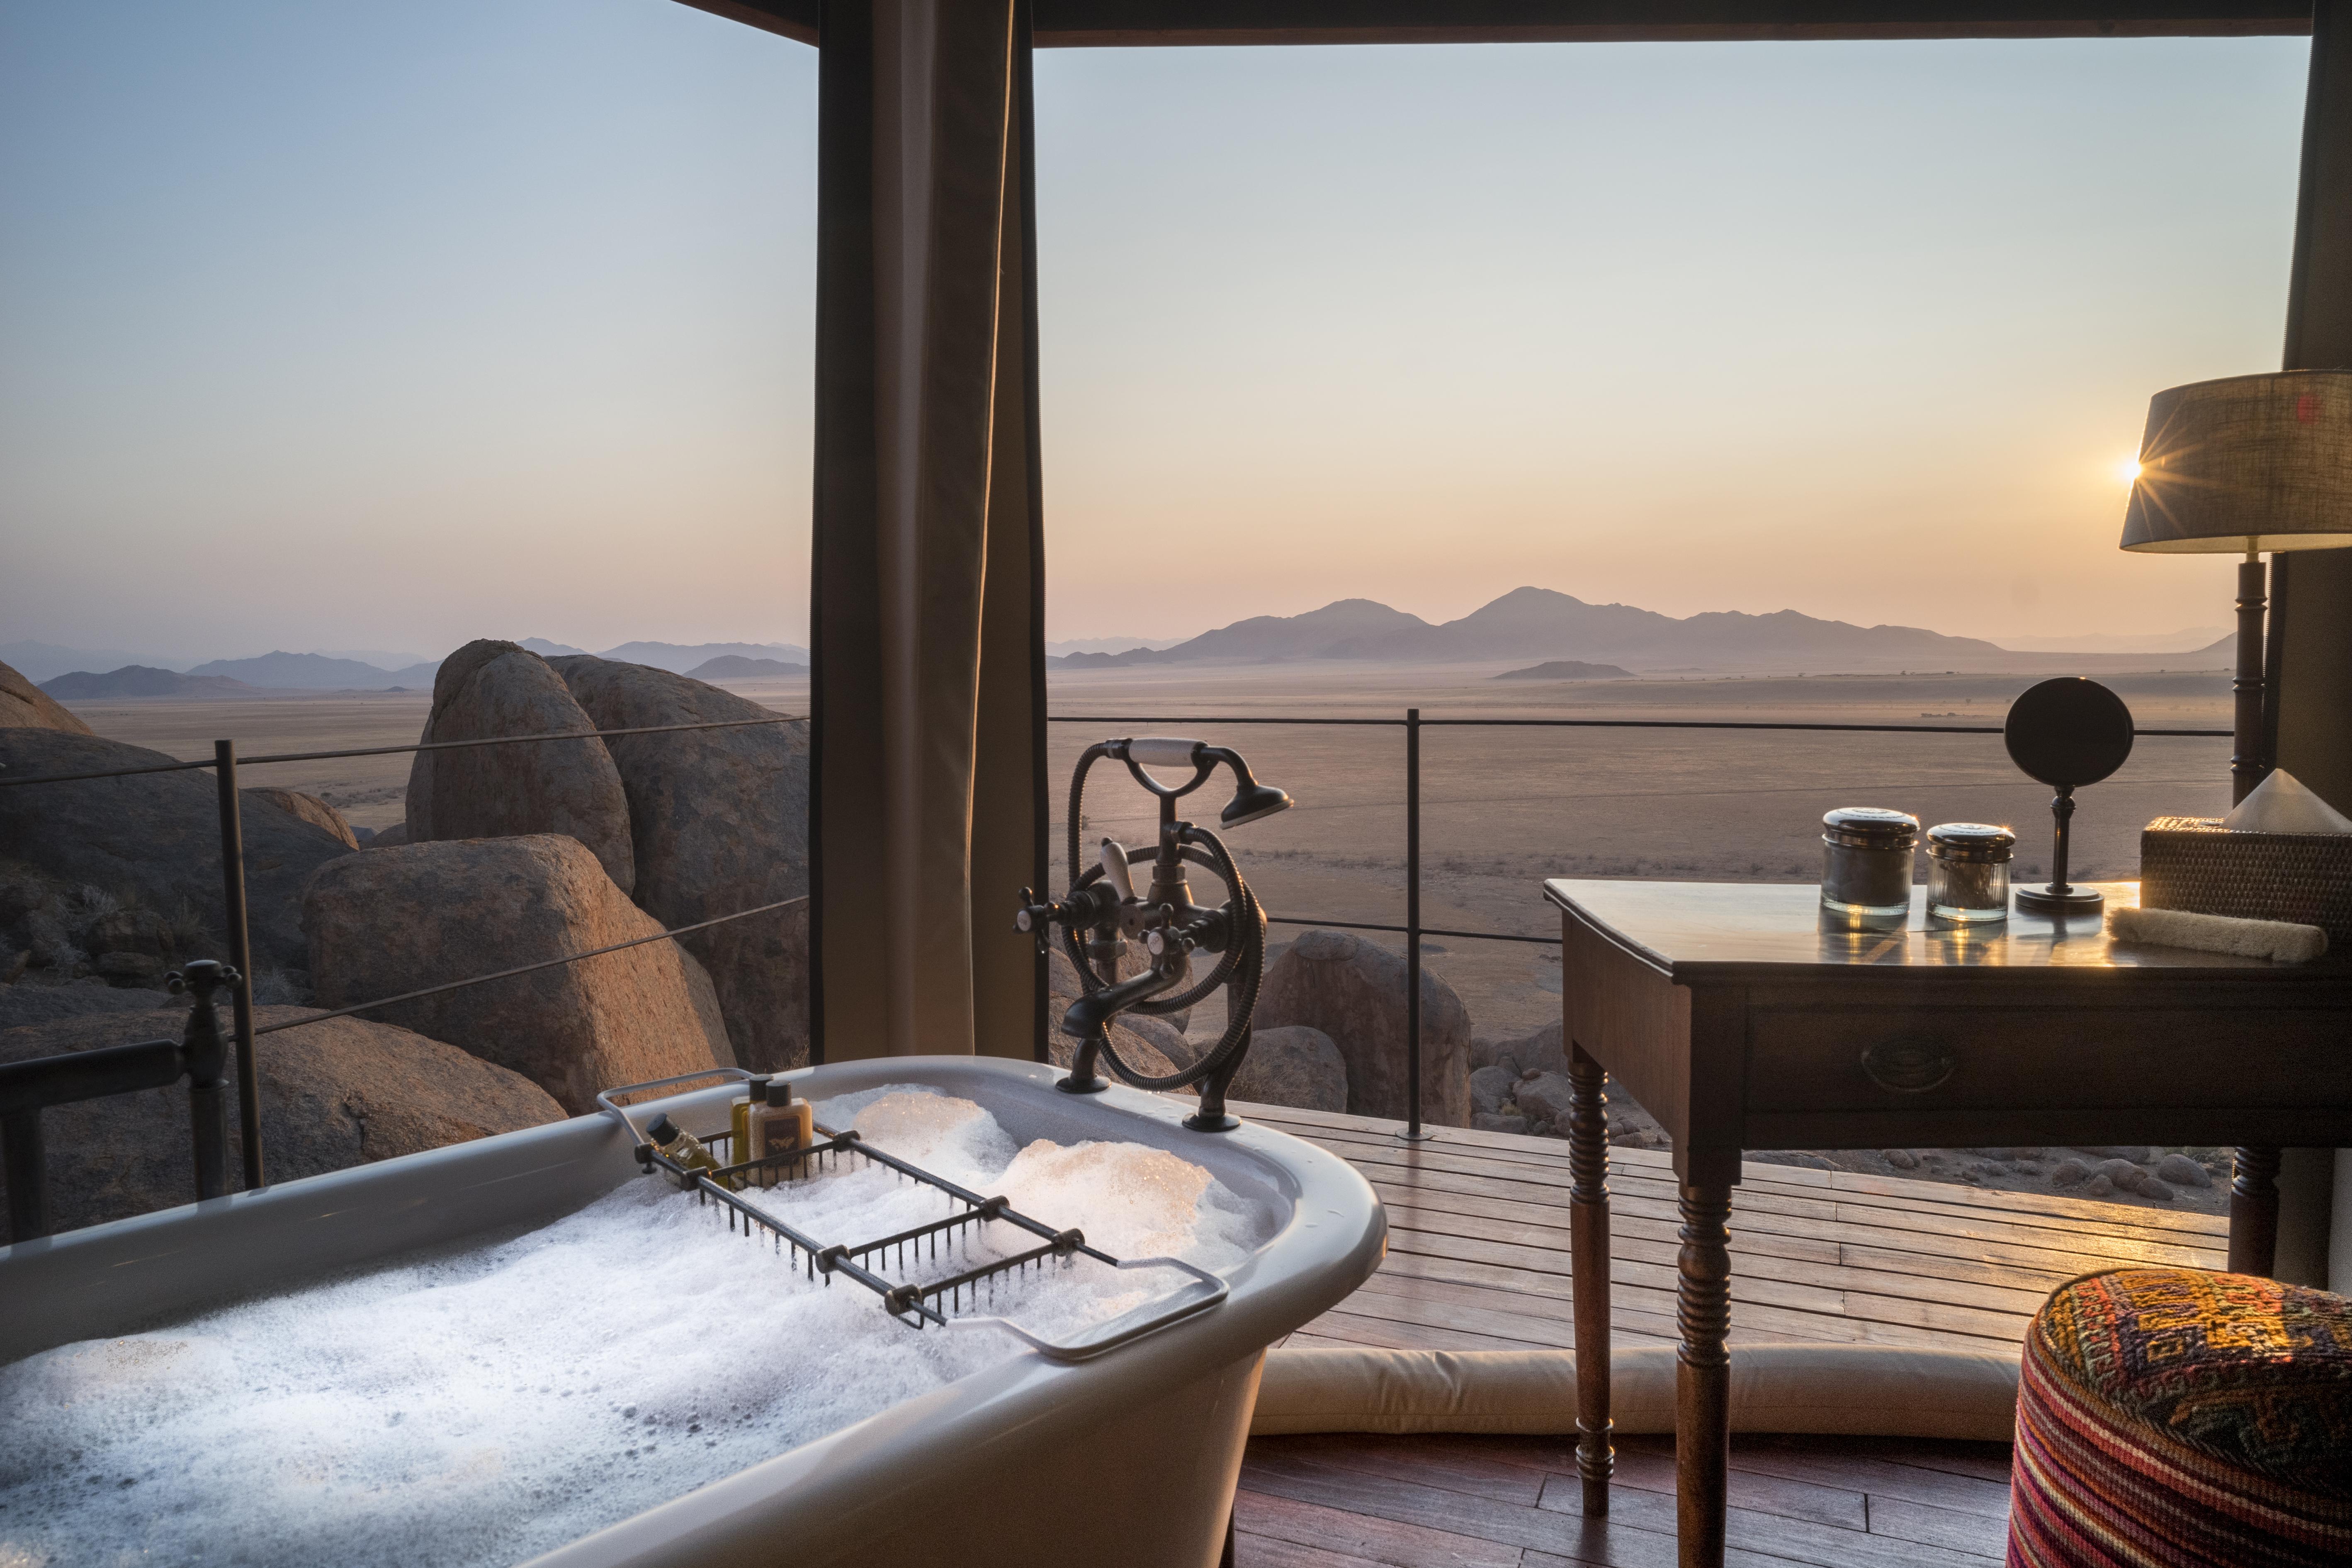 Bagno con vista / Tibo Dhermy/Zannier Hotels